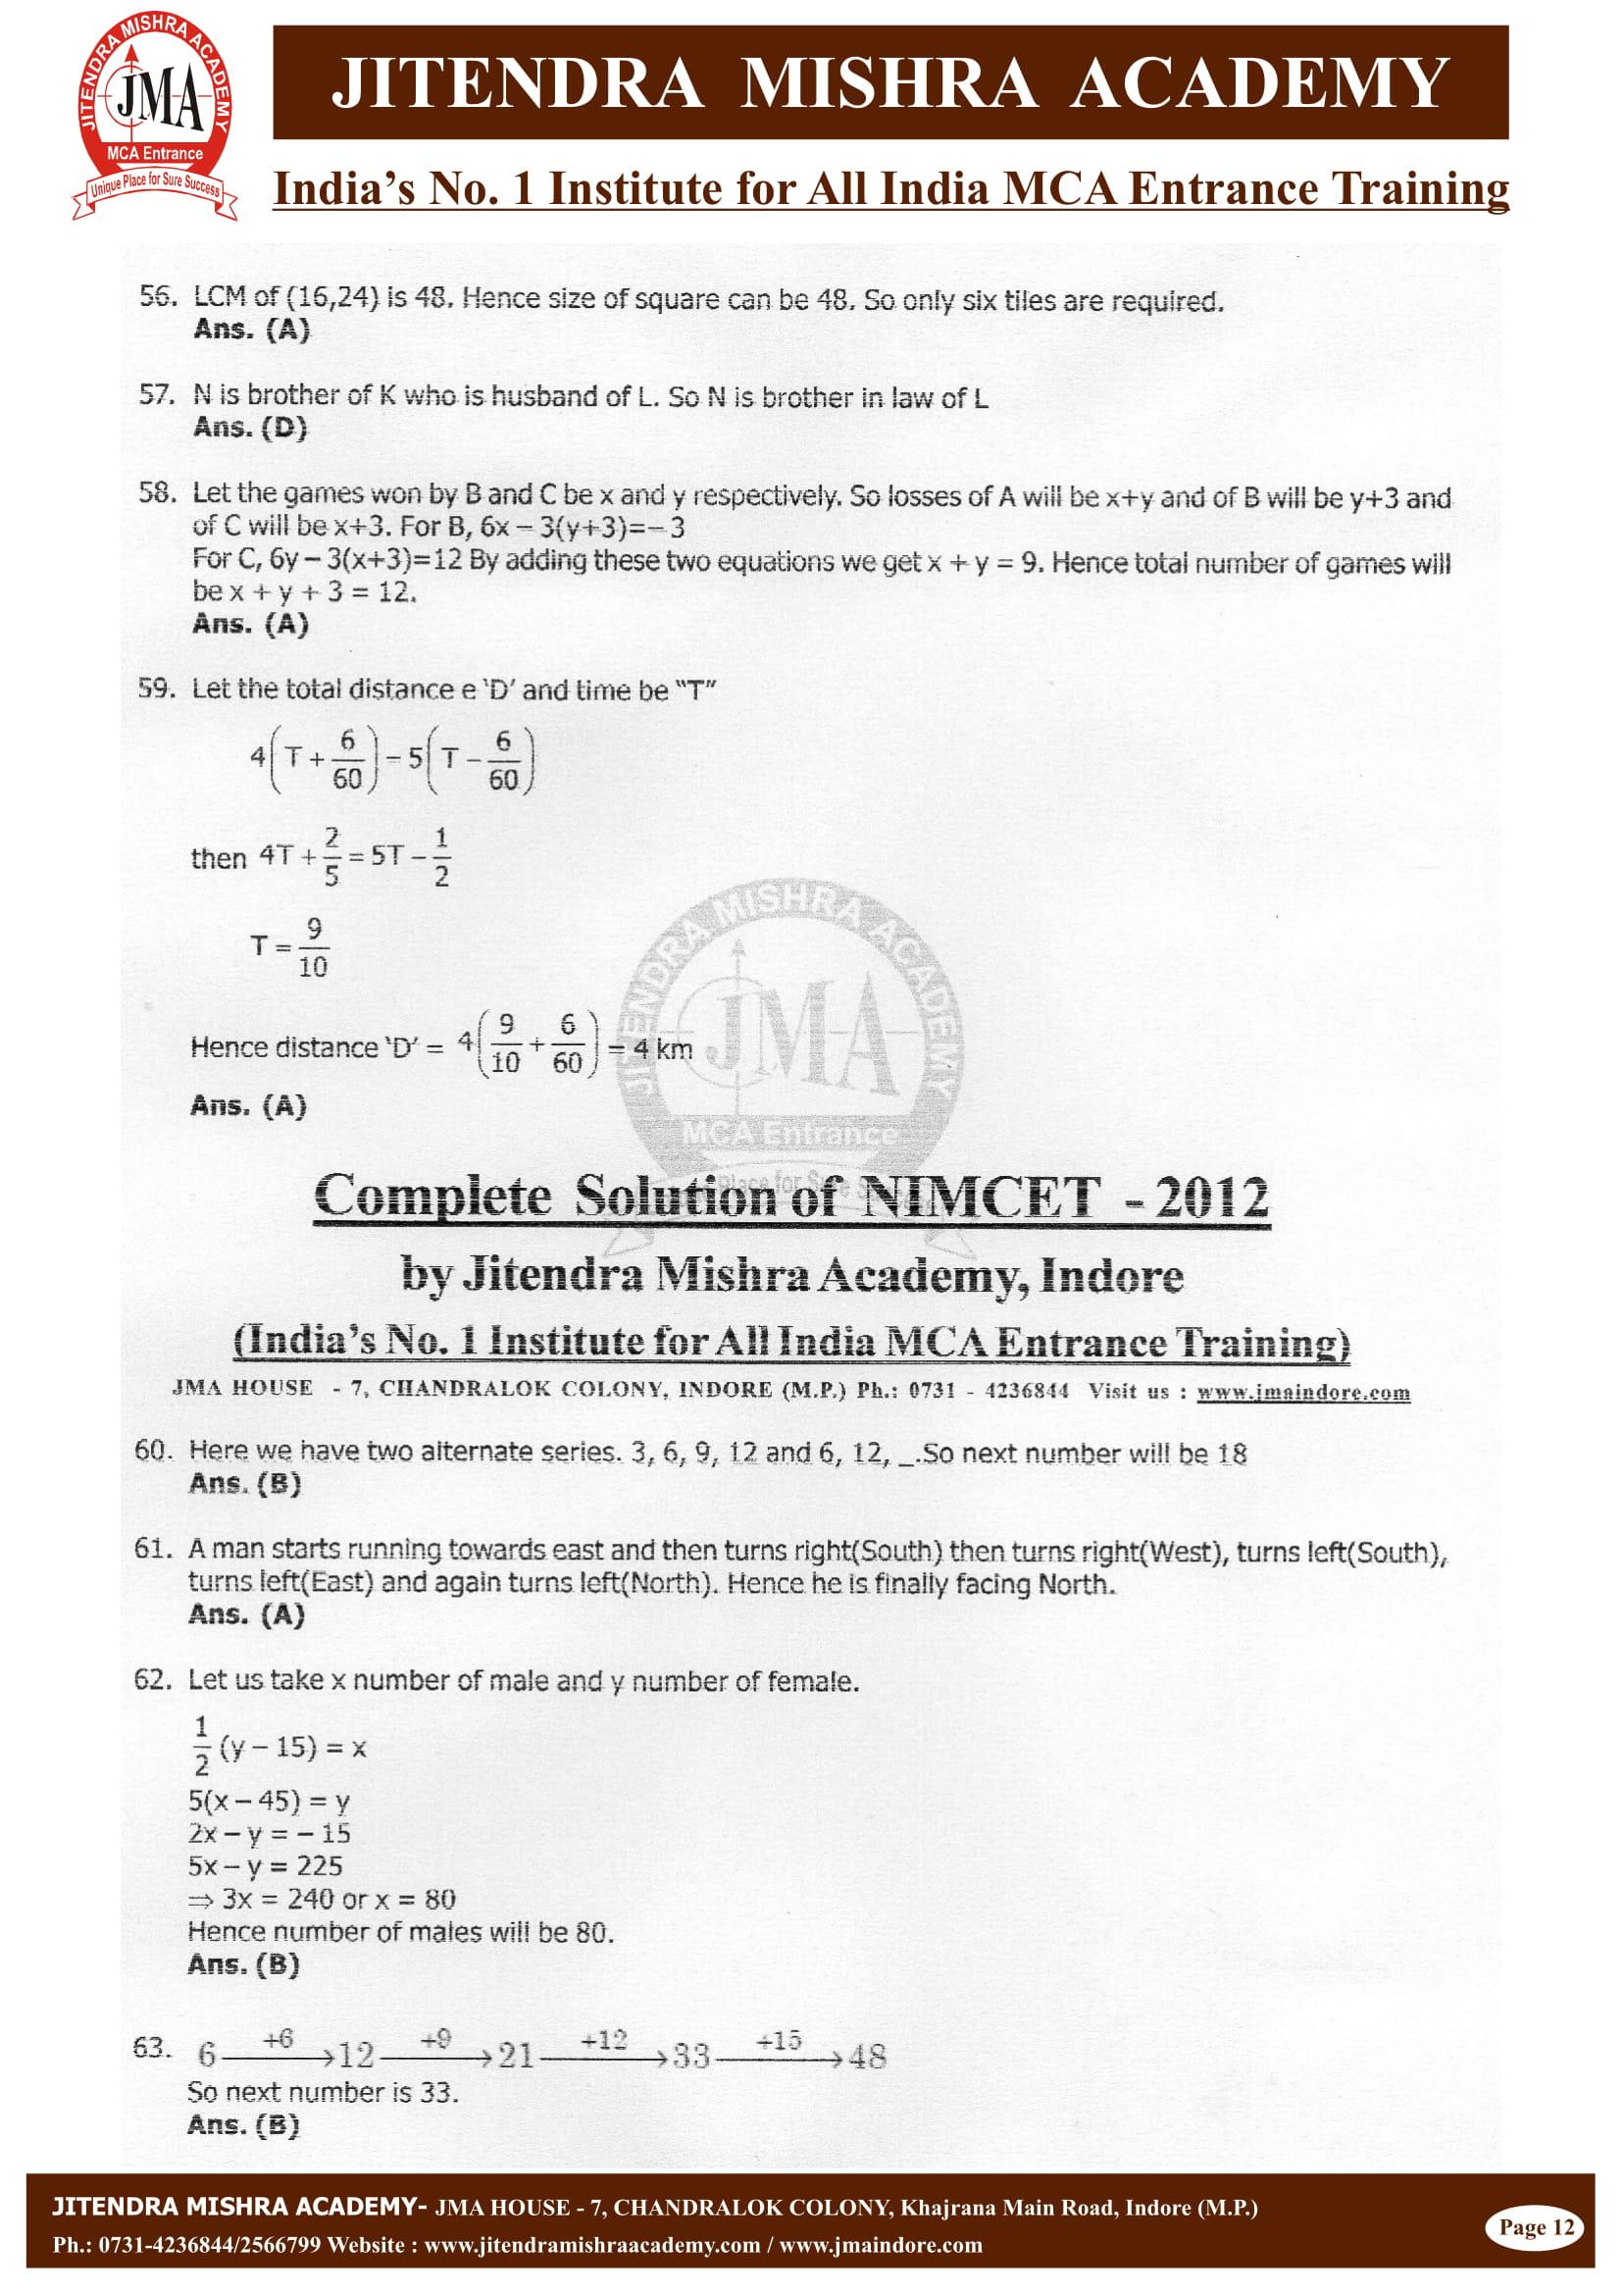 NIMCET - 2012 (SOLUTION)-12